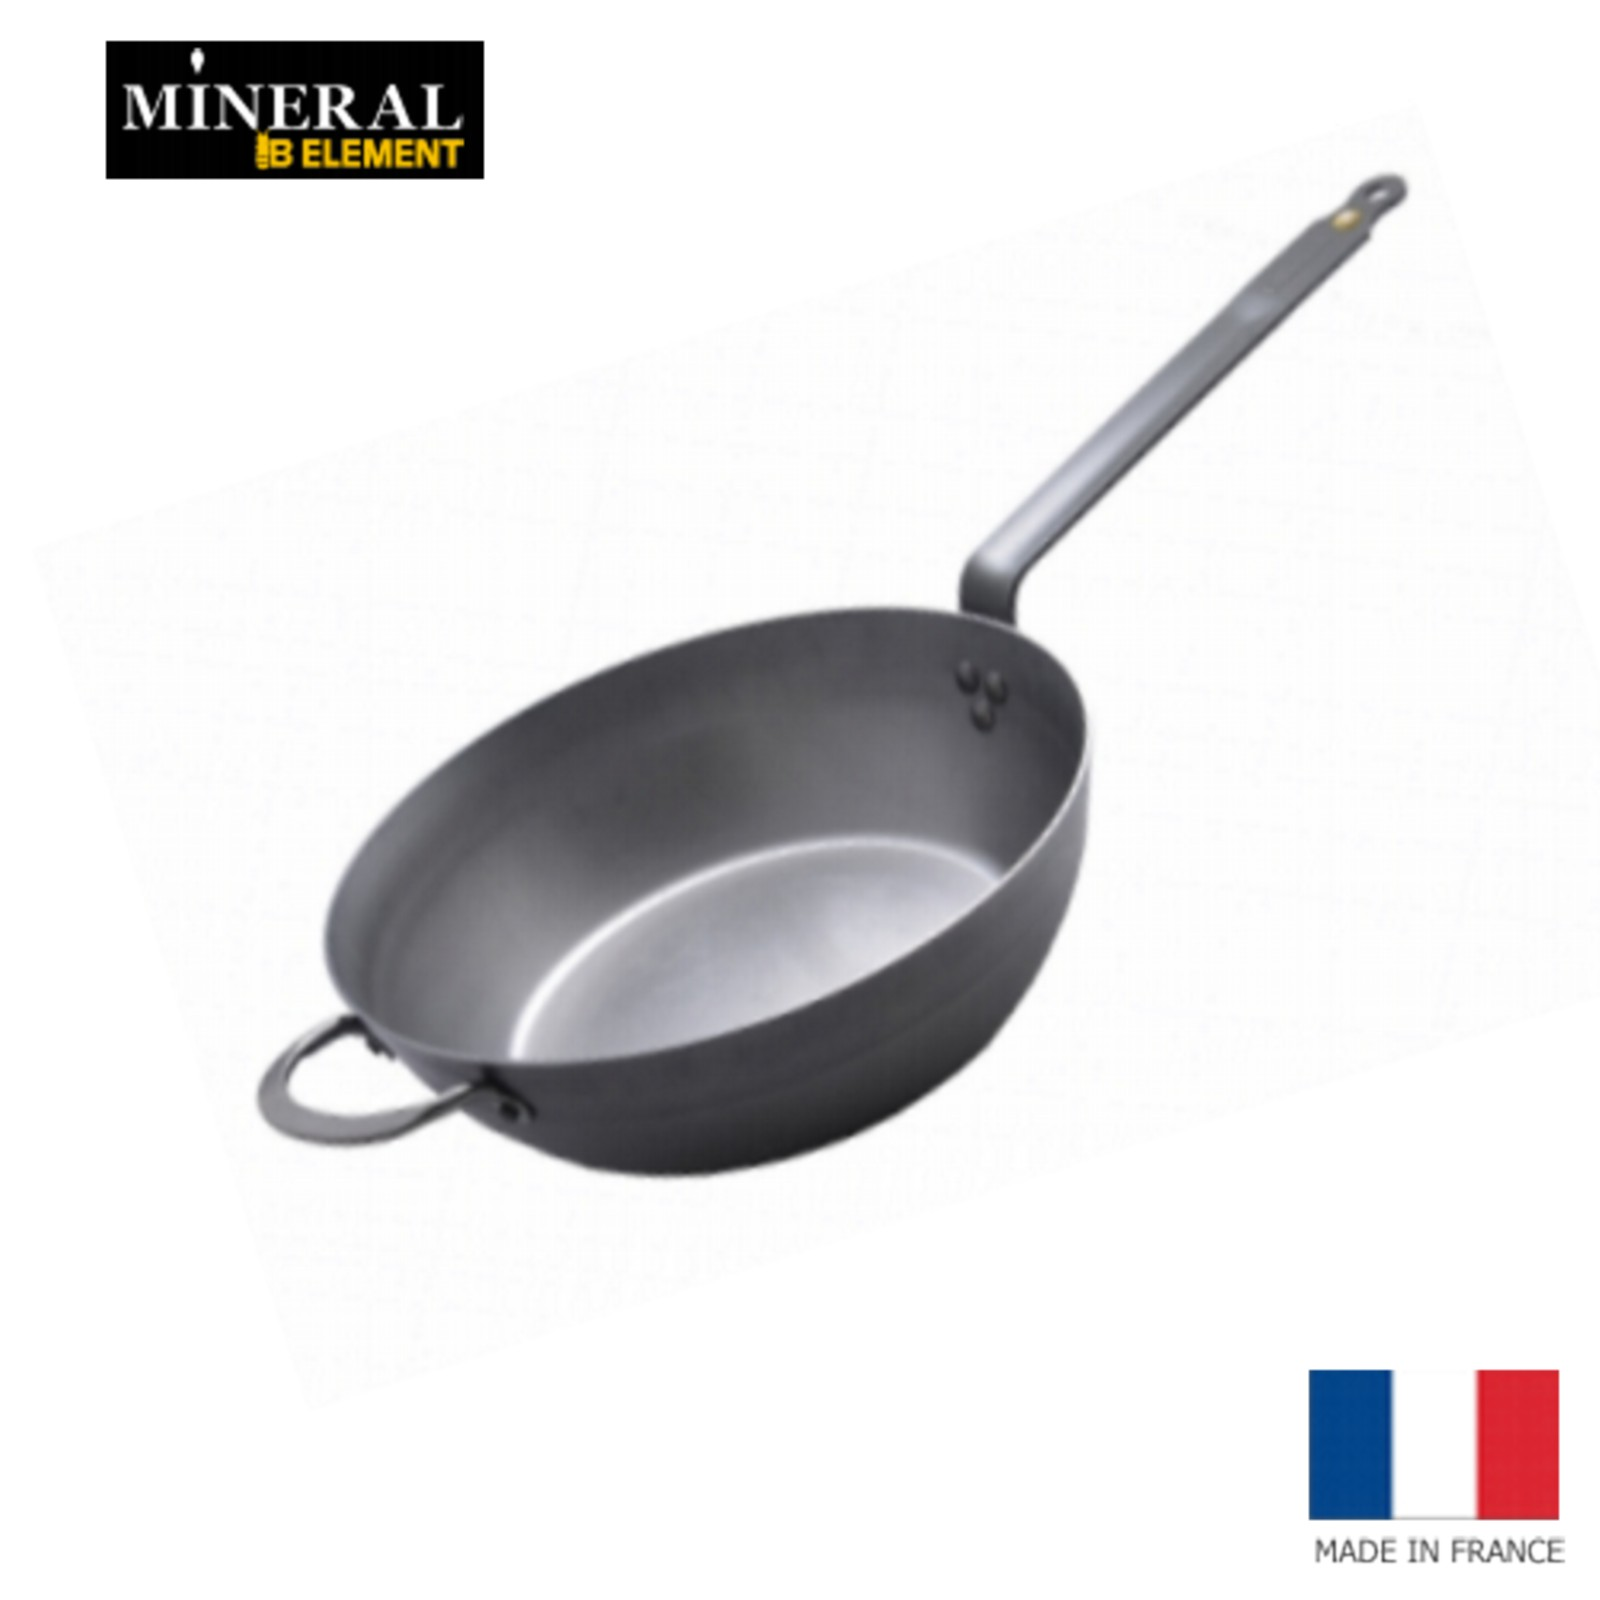 Mineral B Element de Buyer runde Eisenpfanne 26 cm